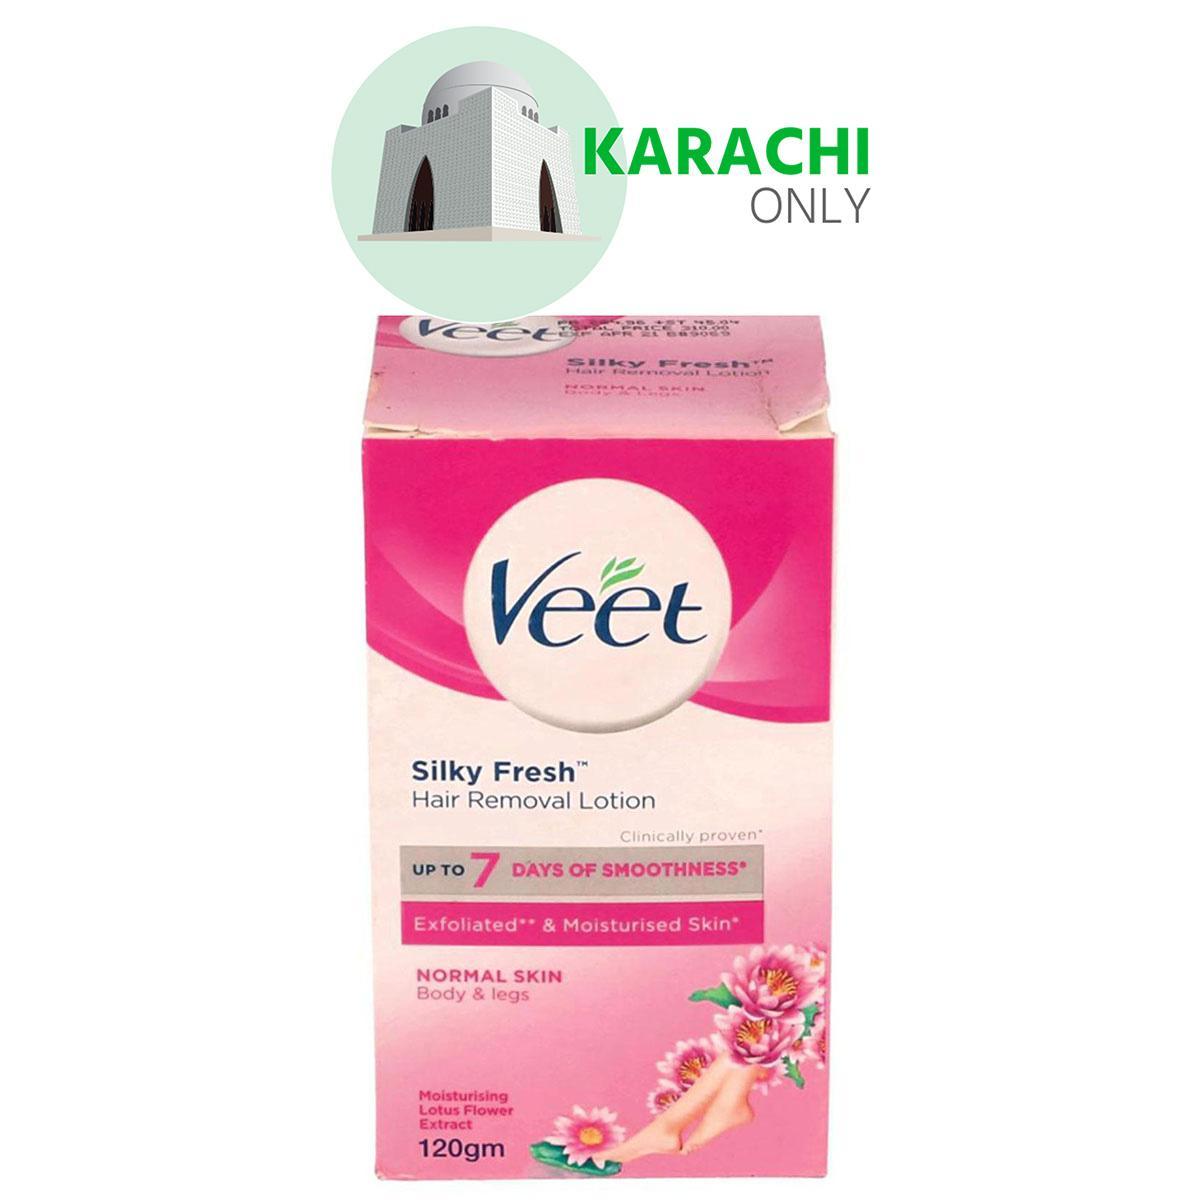 Veet Veet Official Online Store In Pakistan Daraz Pk